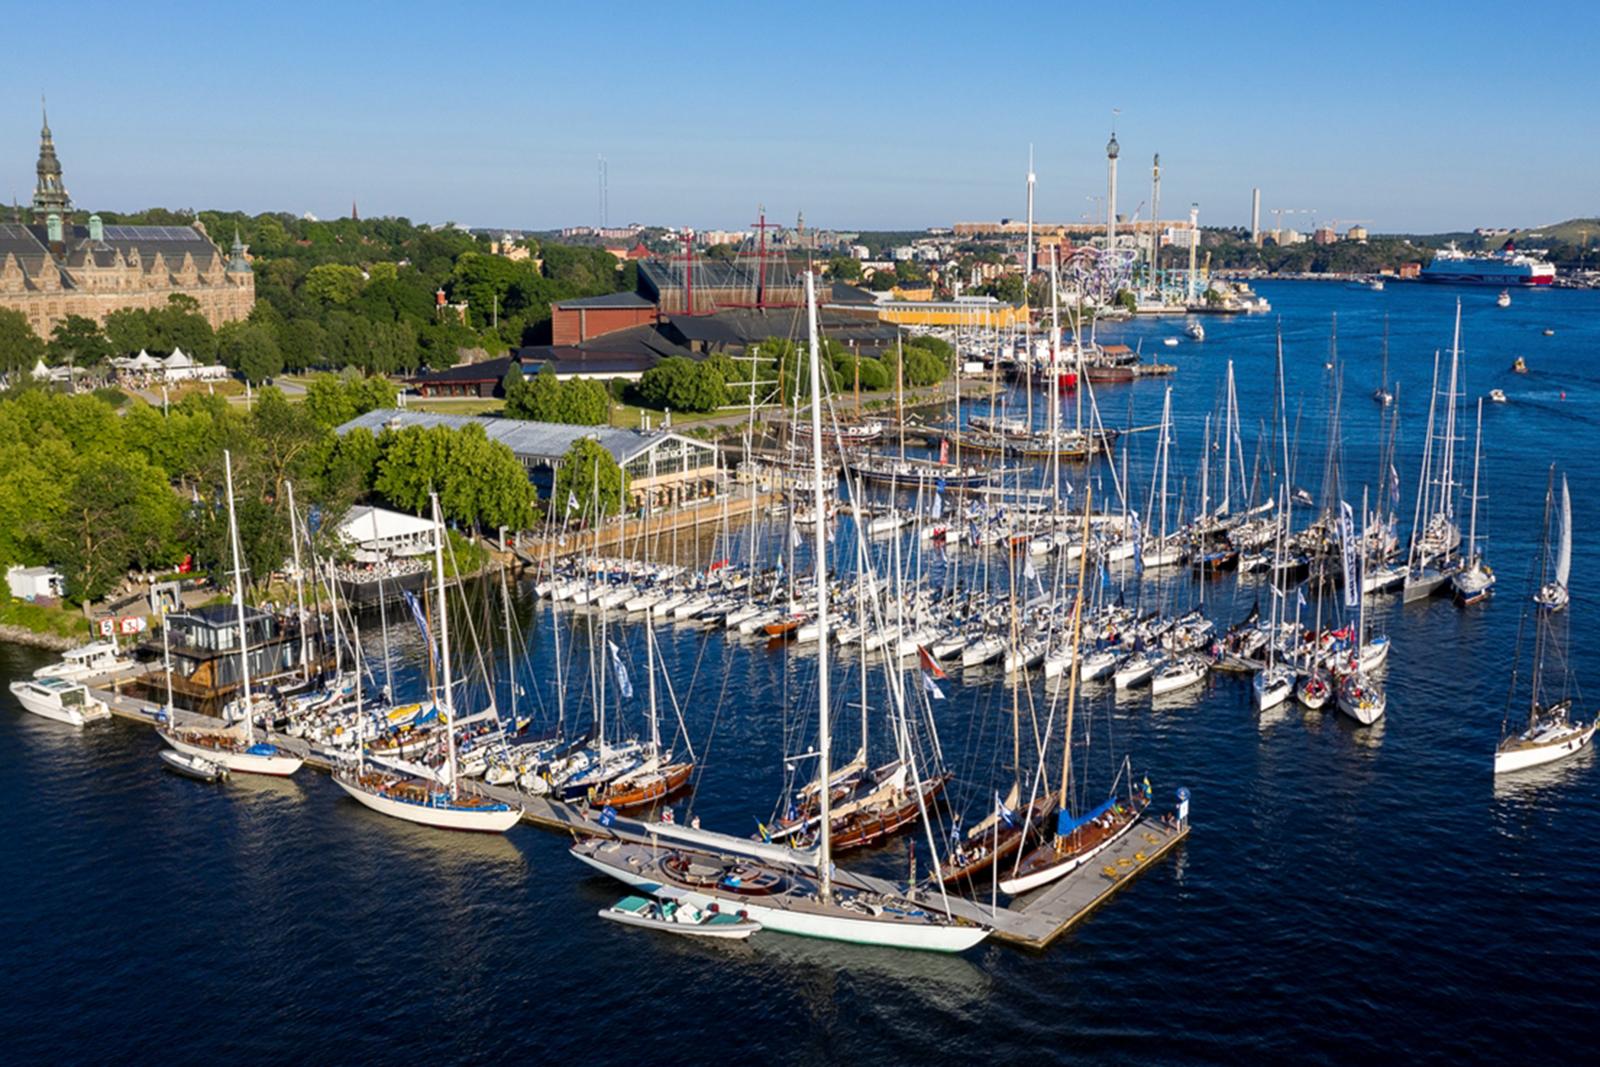 Flytande båtmässa på Djurgården mitt i Stockholm